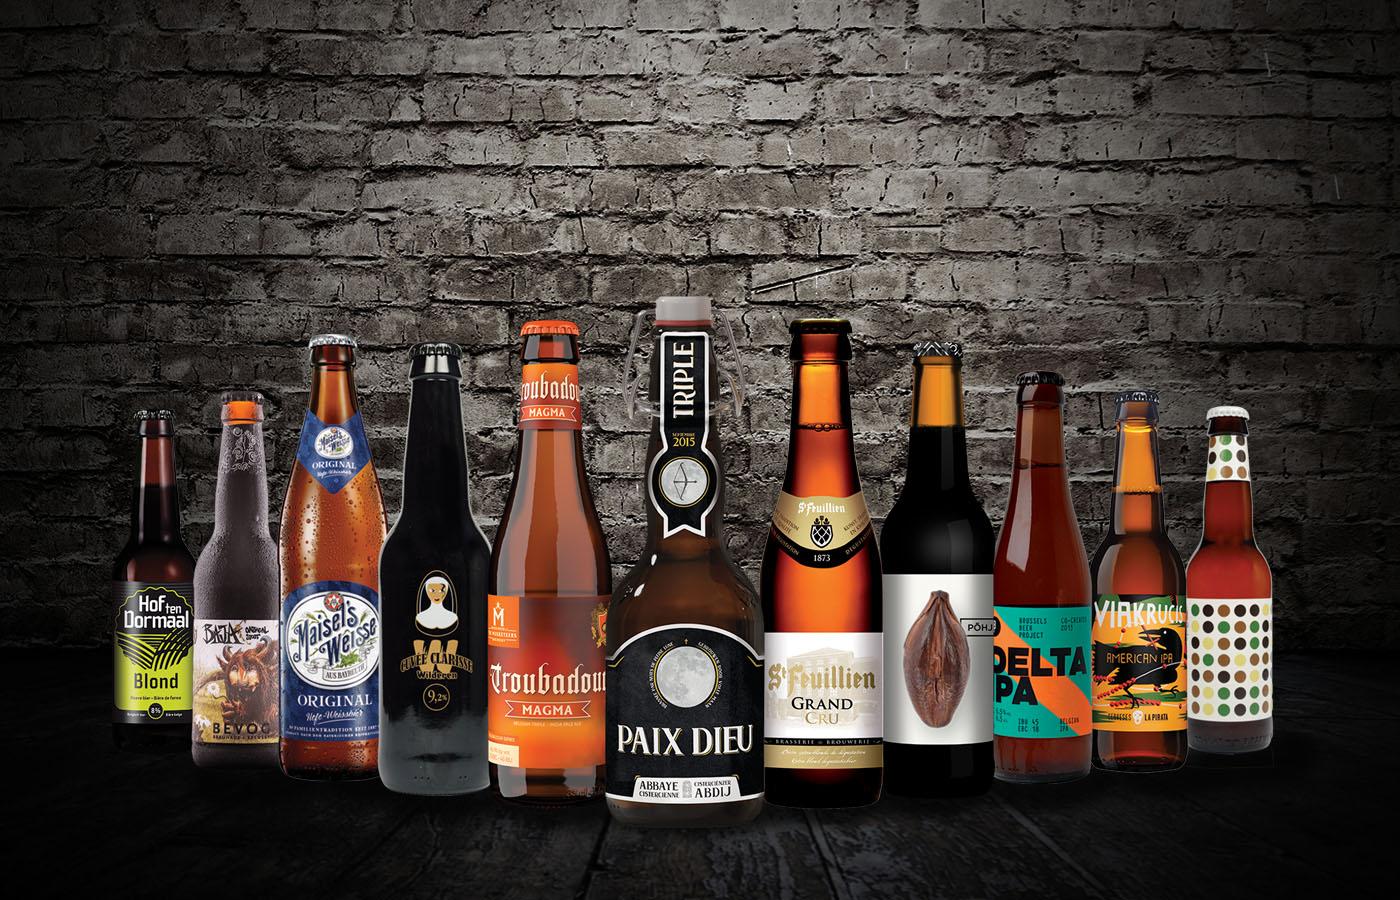 Multi Bier is een groothandel met het grootste assortiment speciaalbieren